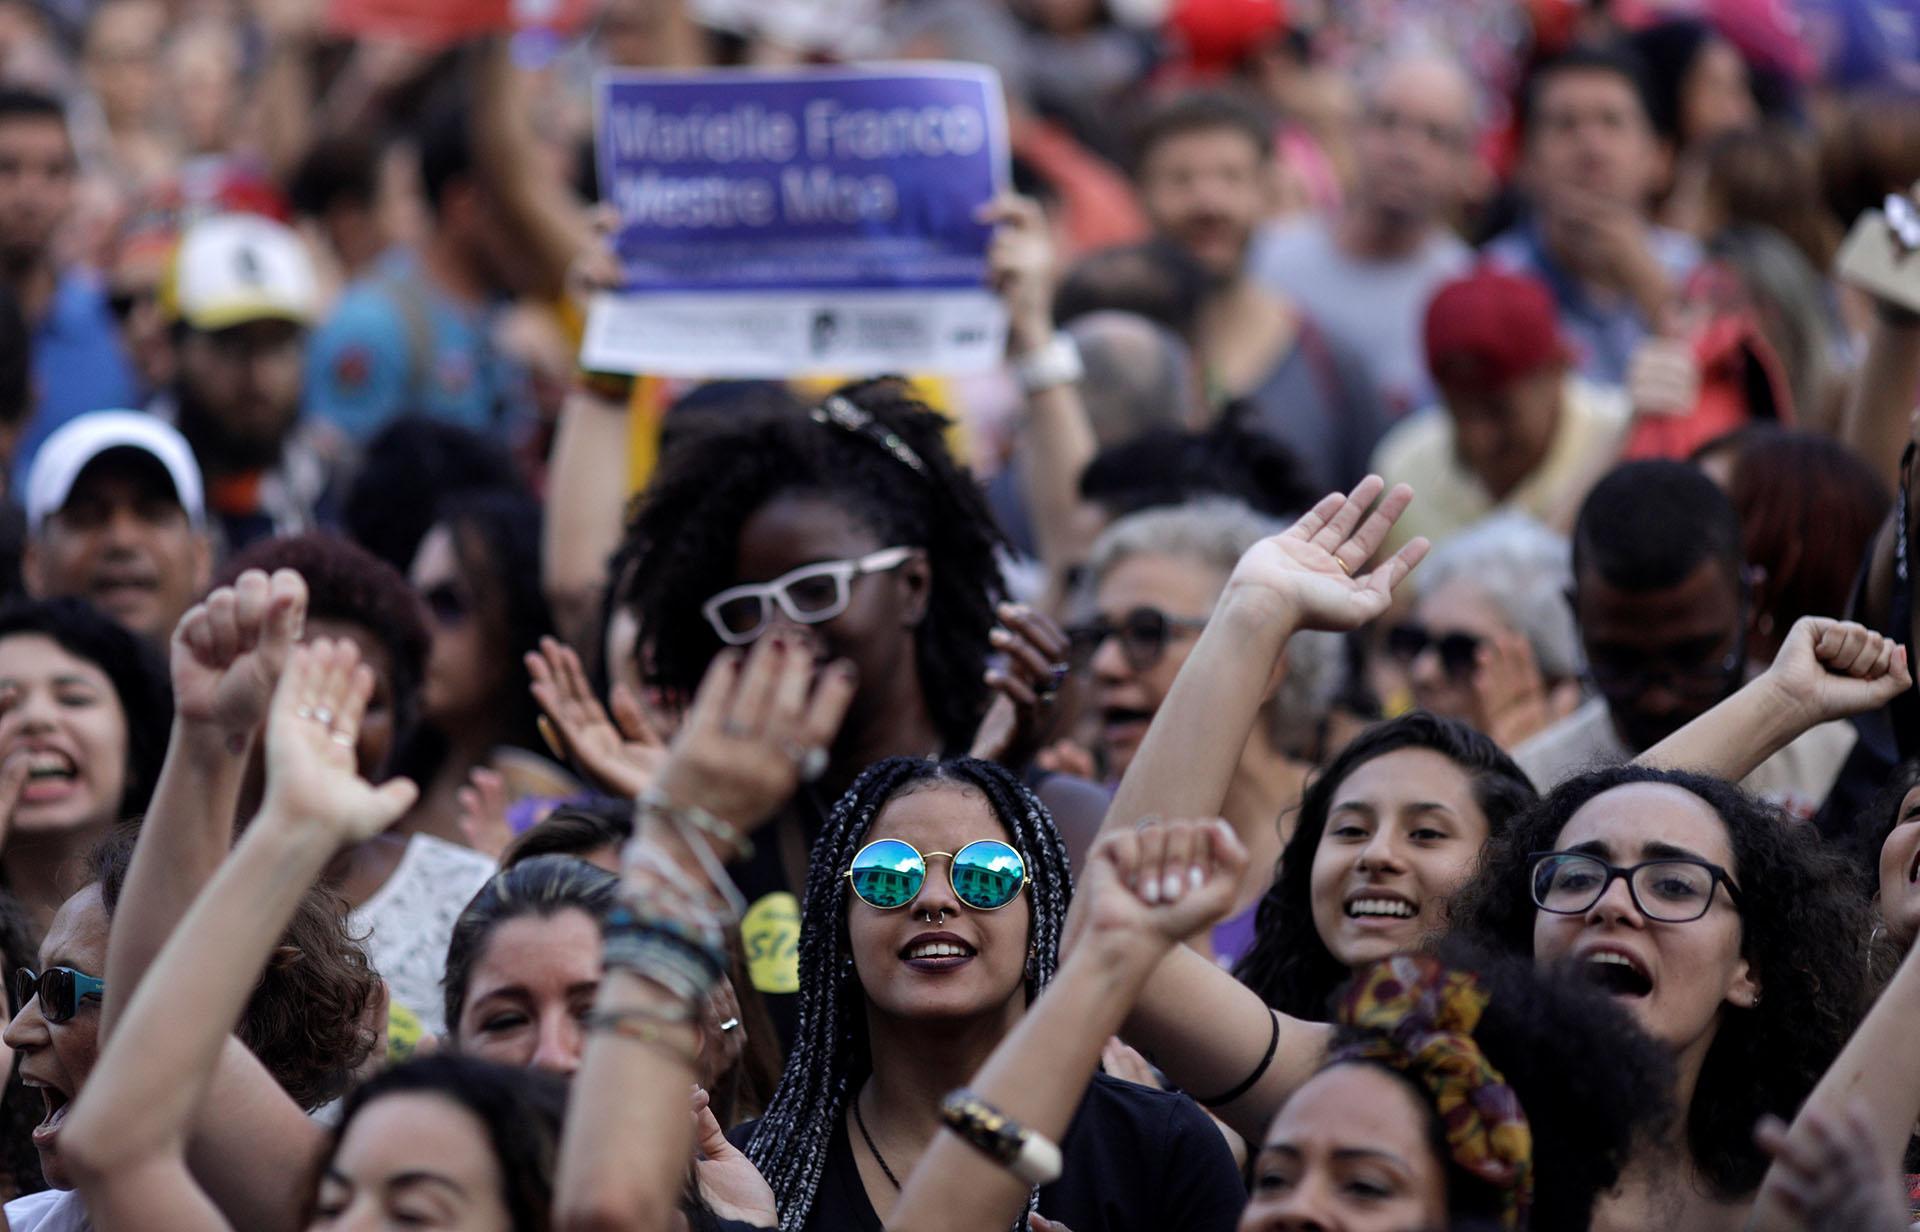 De cara al balotaje, el 58% de los hombres respalda a Bolsonaro contra el 46% de las mujeres, de acuerdo con el último sondeo de Ibope